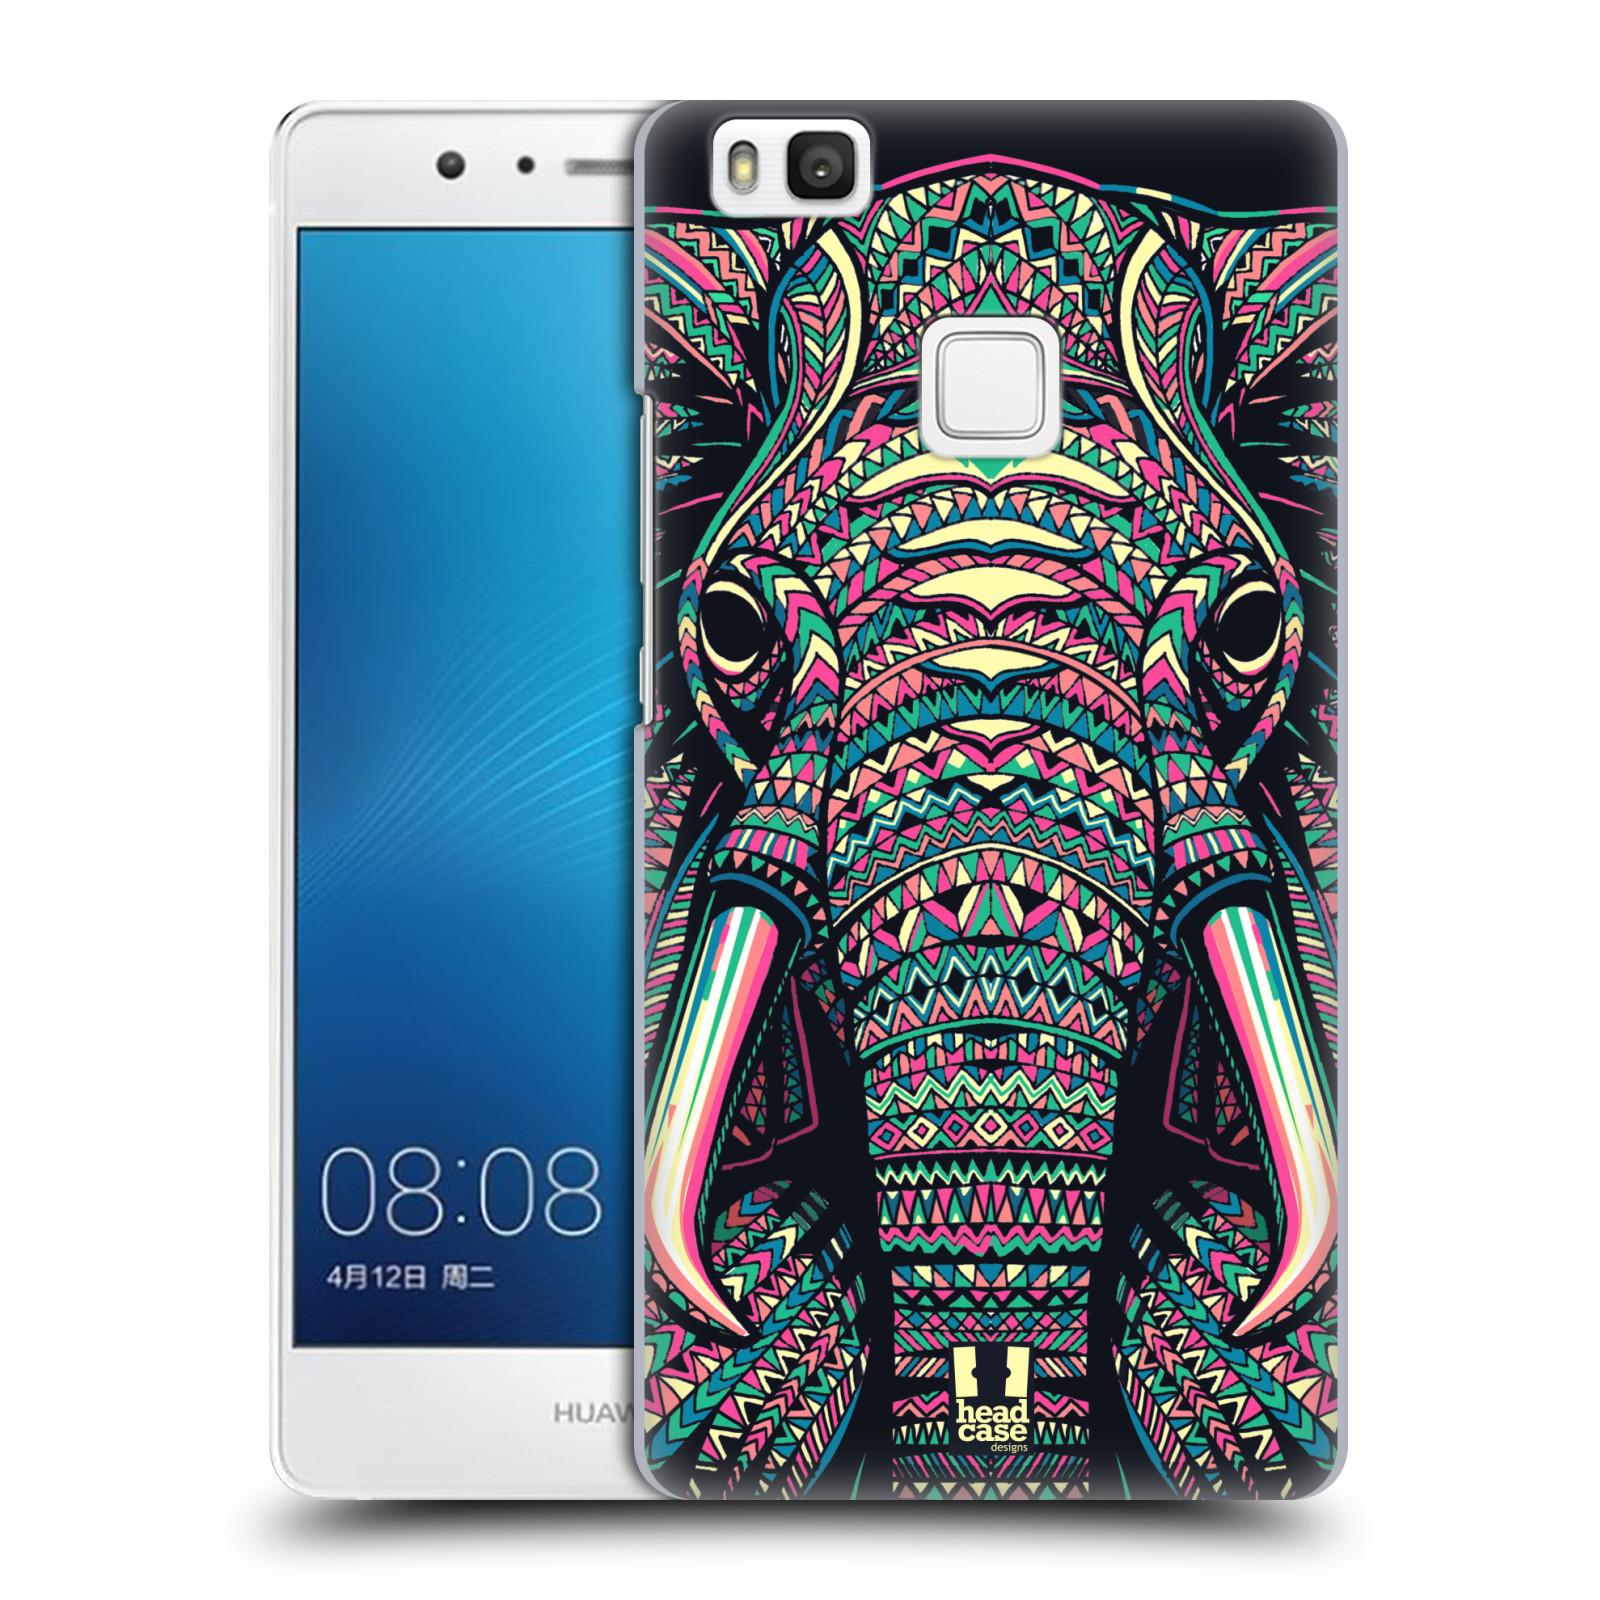 Plastové pouzdro na mobil Huawei P9 Lite HEAD CASE AZTEC SLON